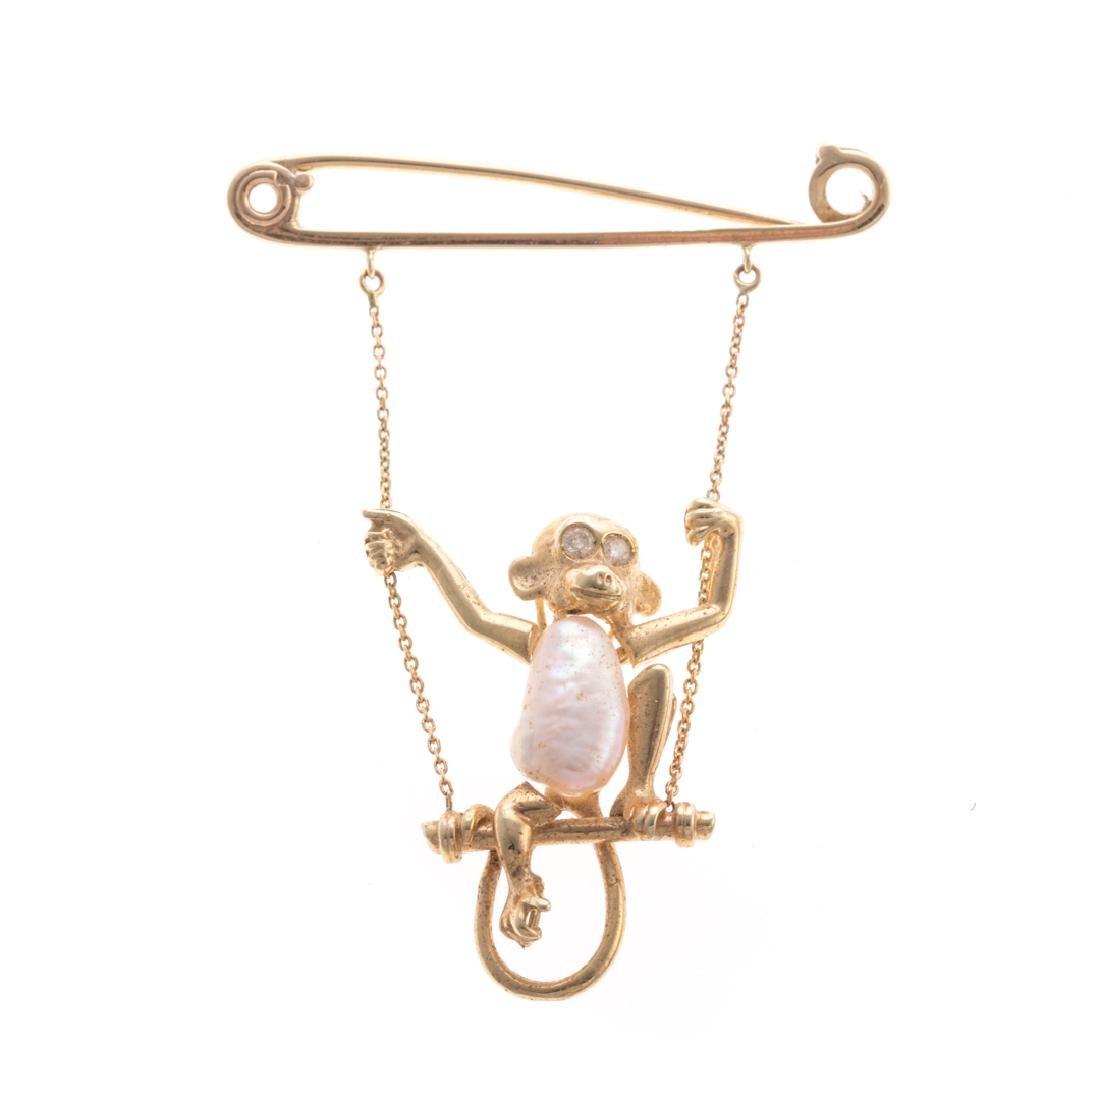 A Lady's 14K Pearl Monkey on a Swing Brooch